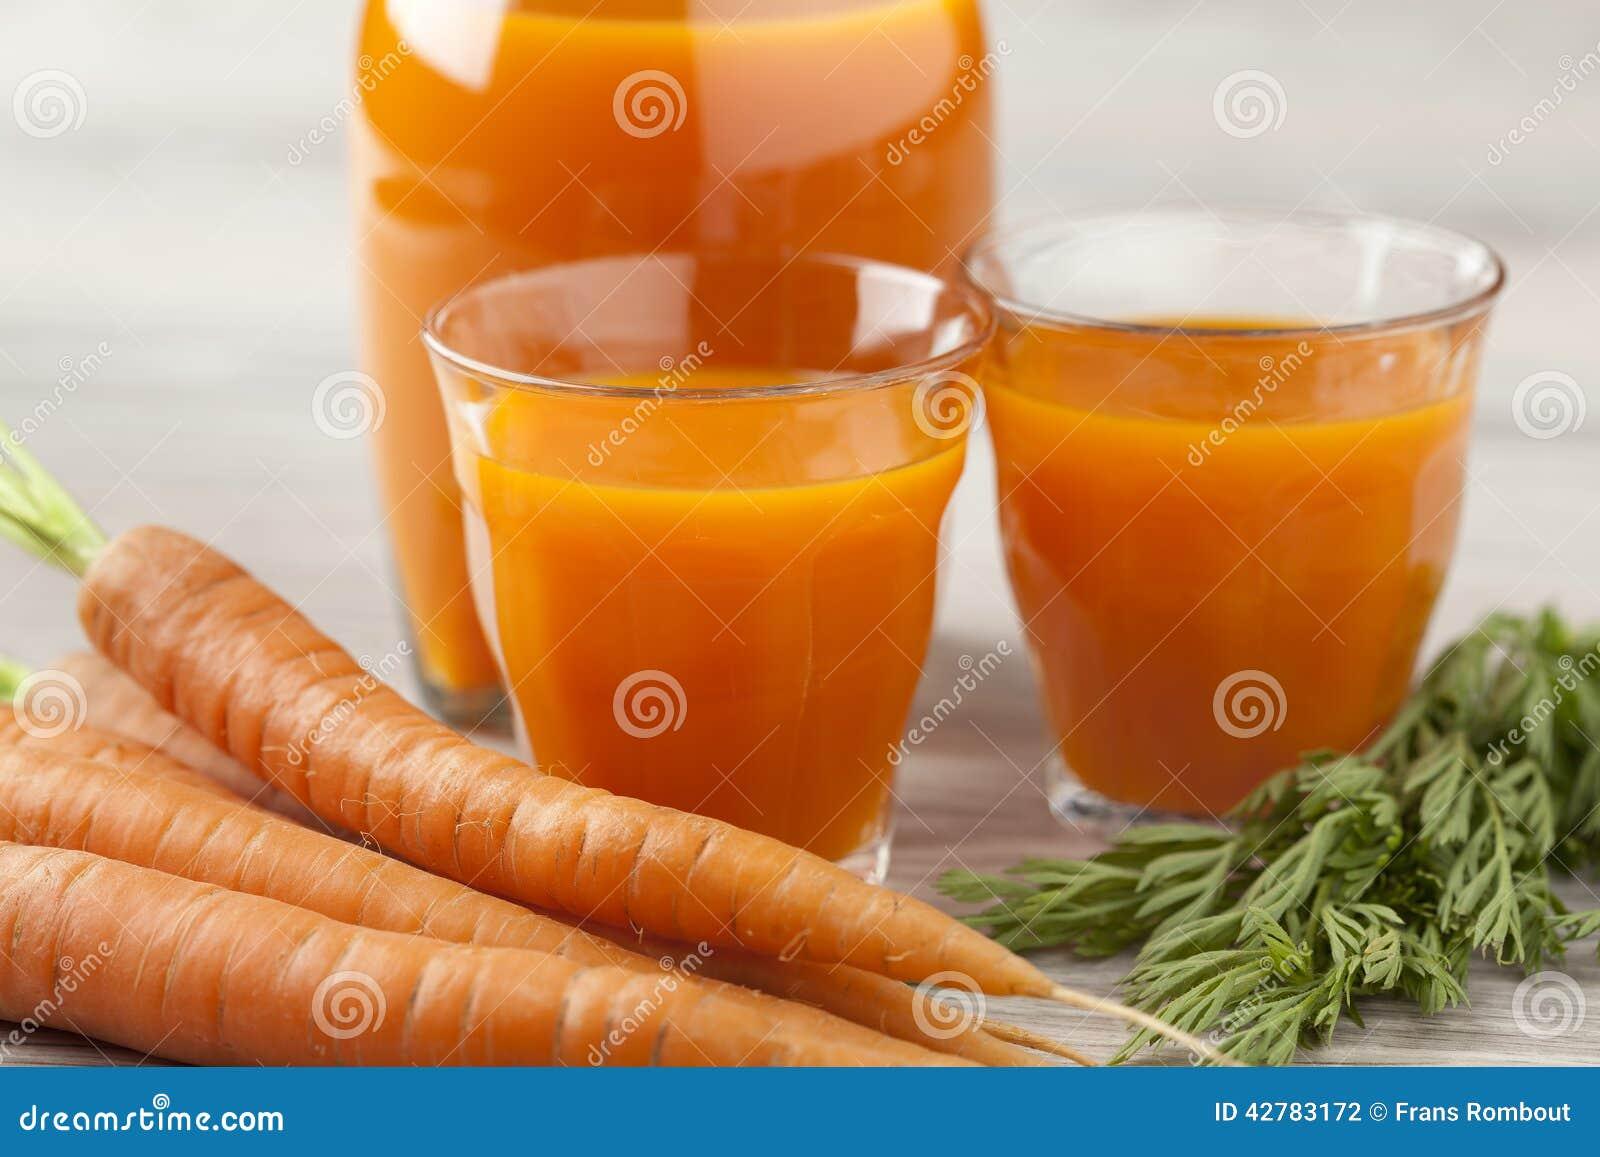 Диета рис и томатный сок отзывы - БэбиБлог